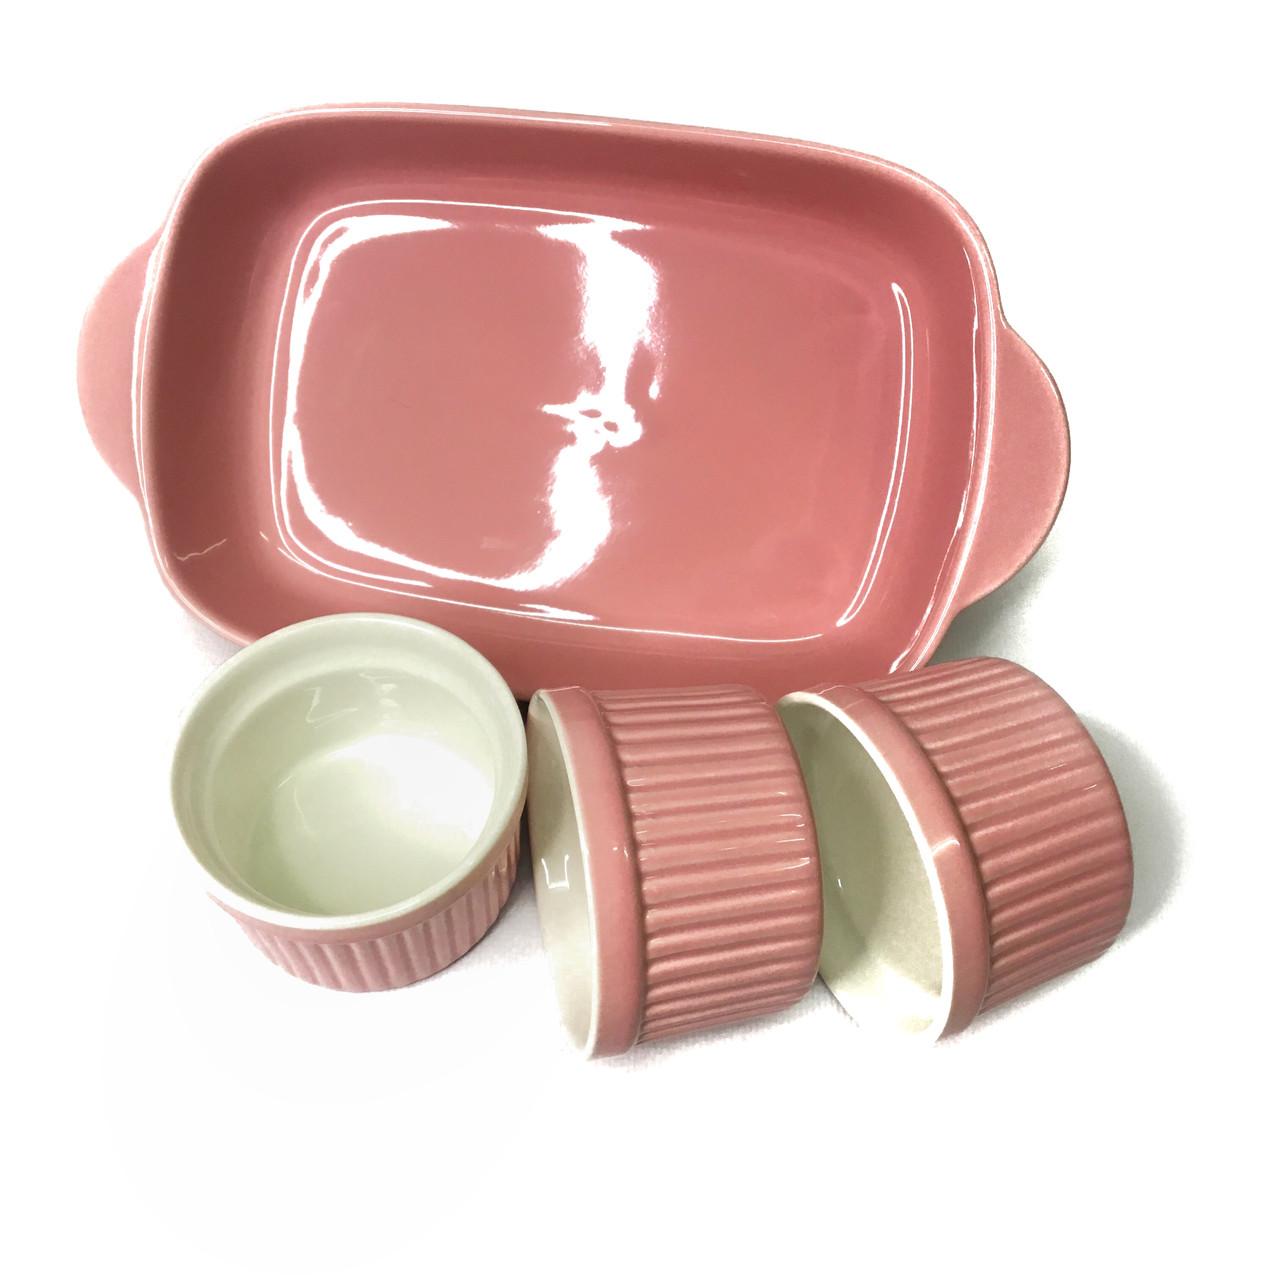 Набір керамічних форм для випічки (4шт), рожевий